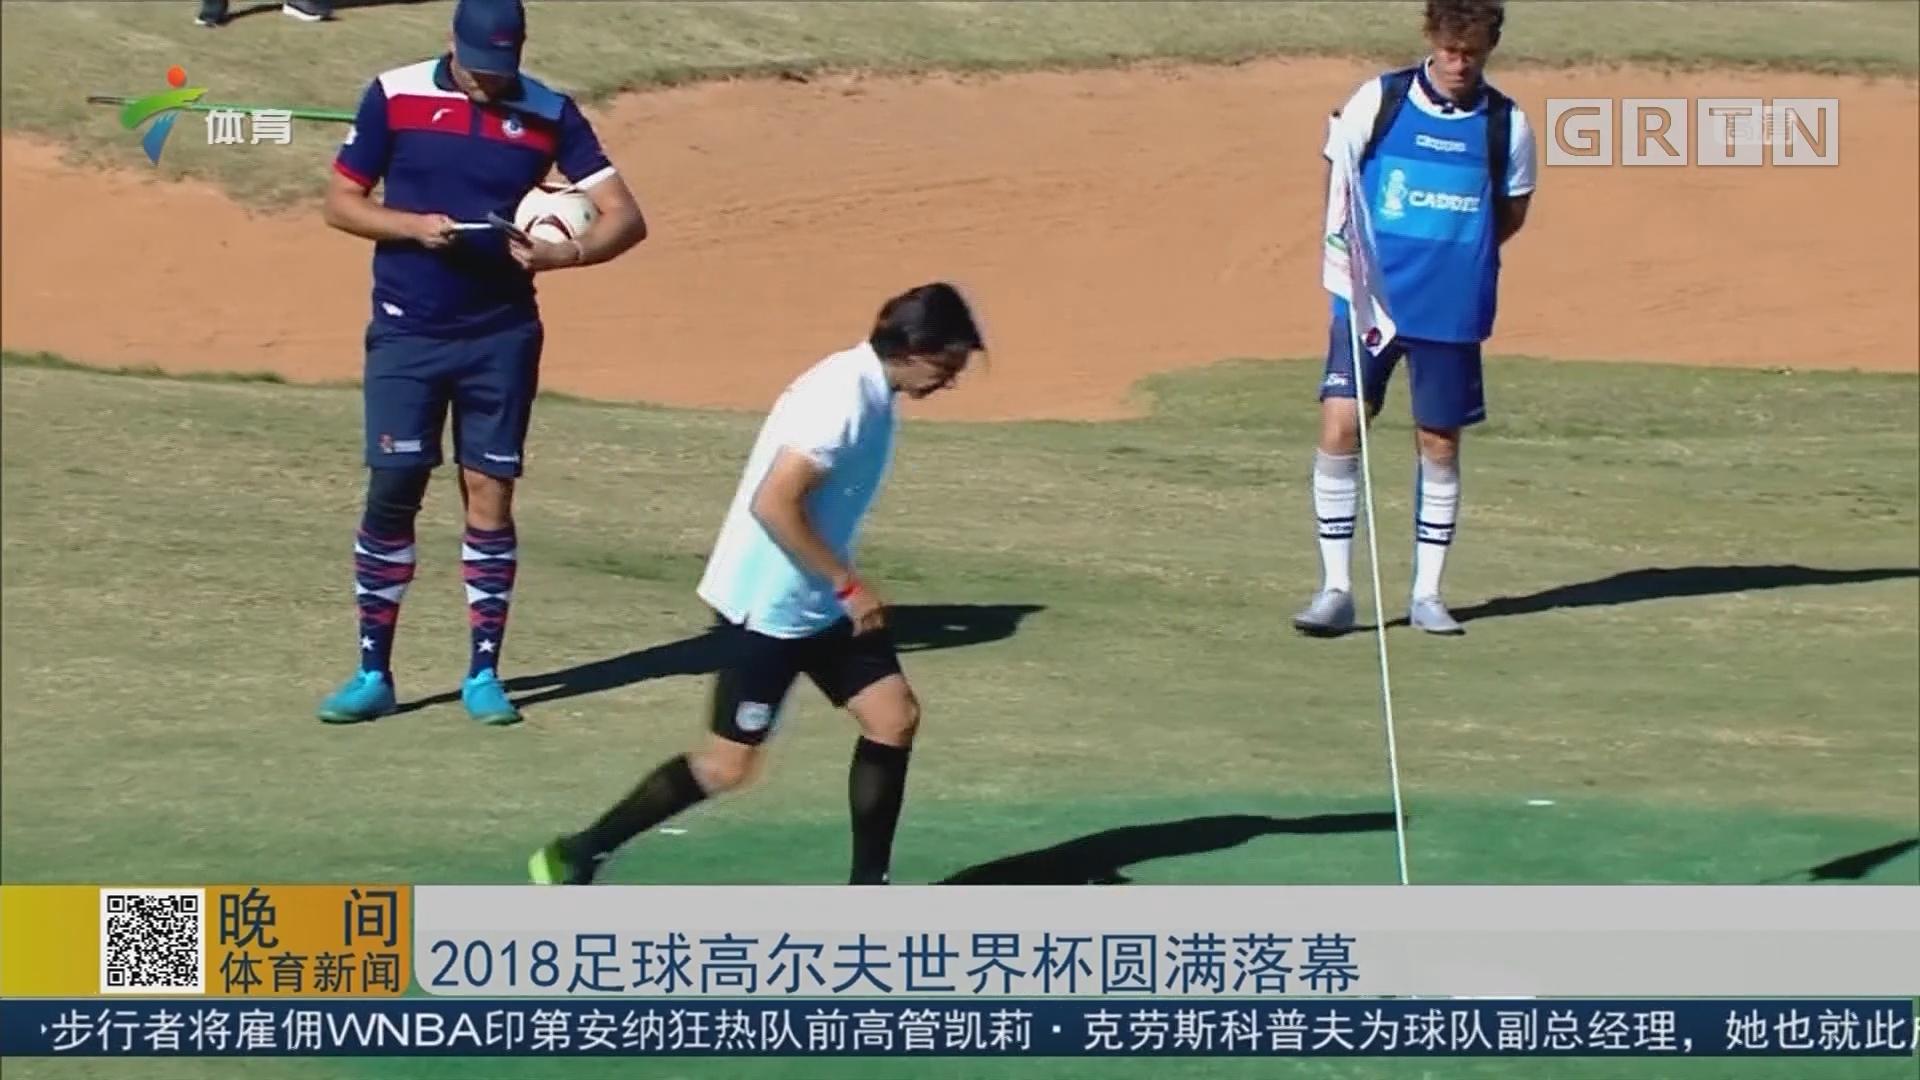 2018足球高尔夫世界杯圆满落幕